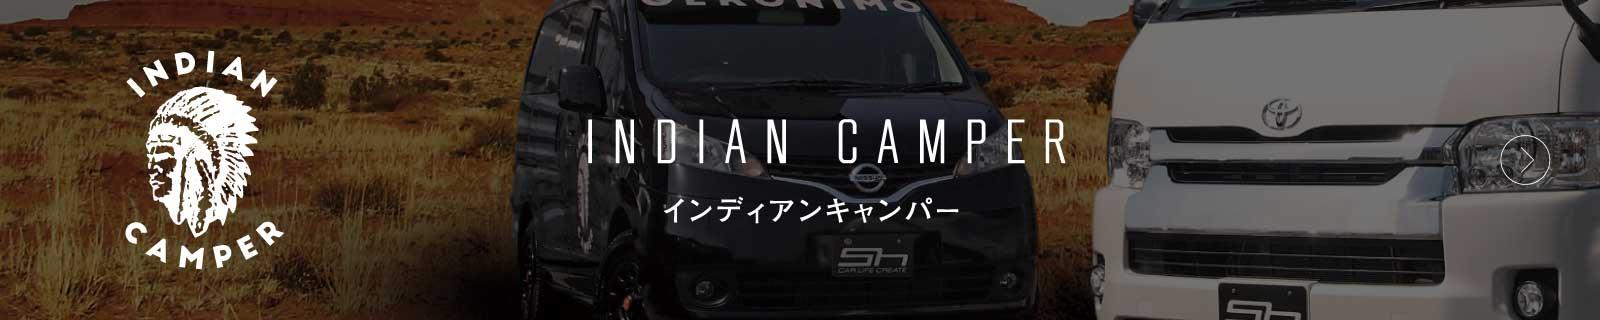 インディアンキャンパー